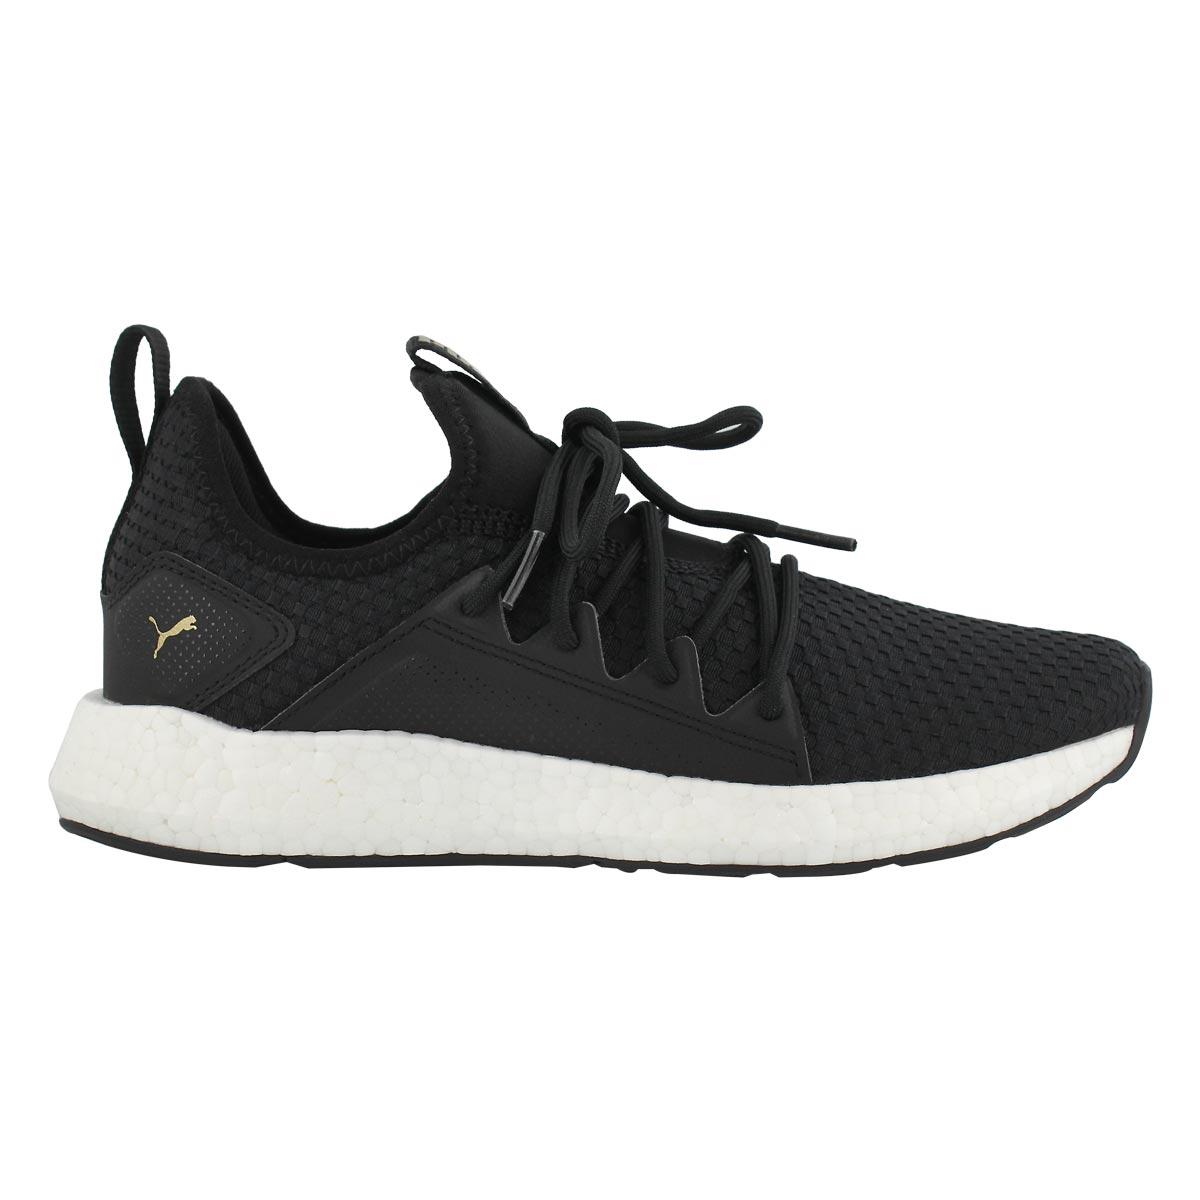 Lds NRGY Neko VT blk slip on sneaker